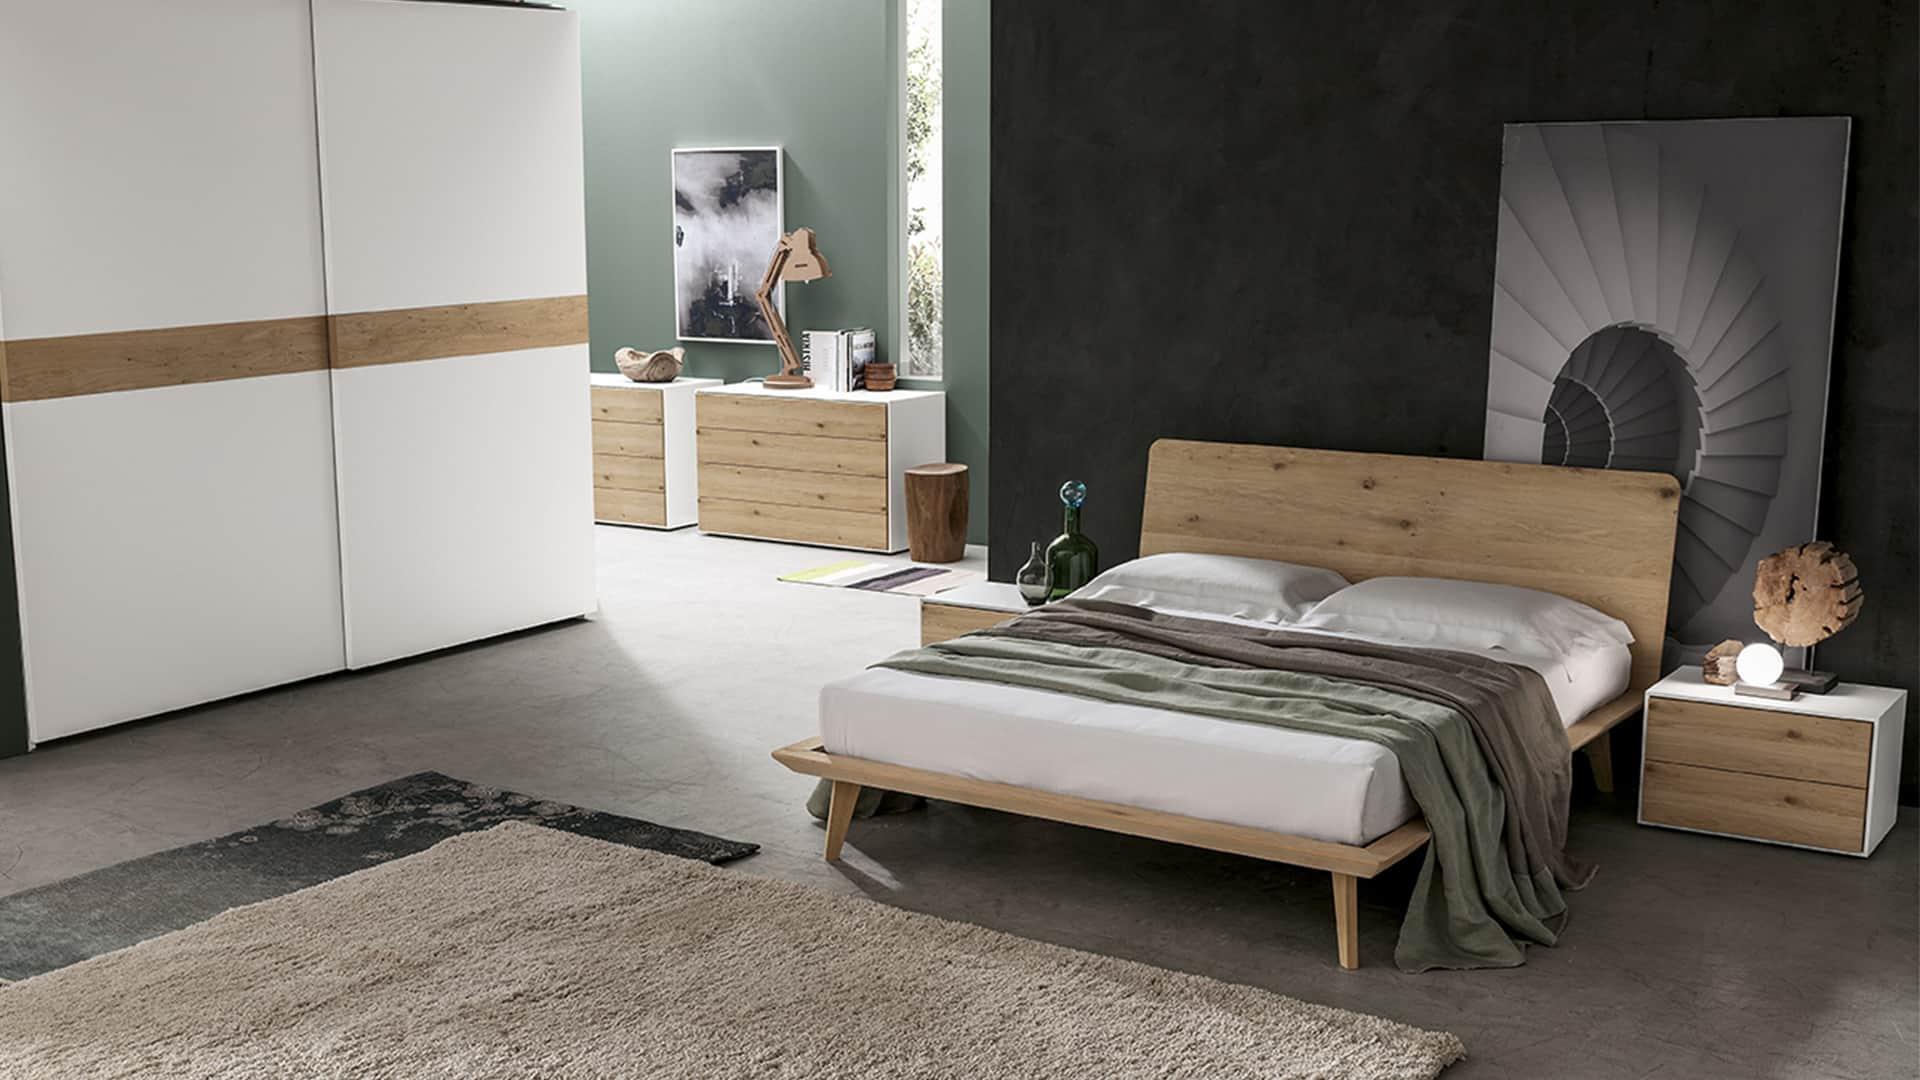 Arredamento per camere da letto a padova - Camere da letto in cartongesso ...